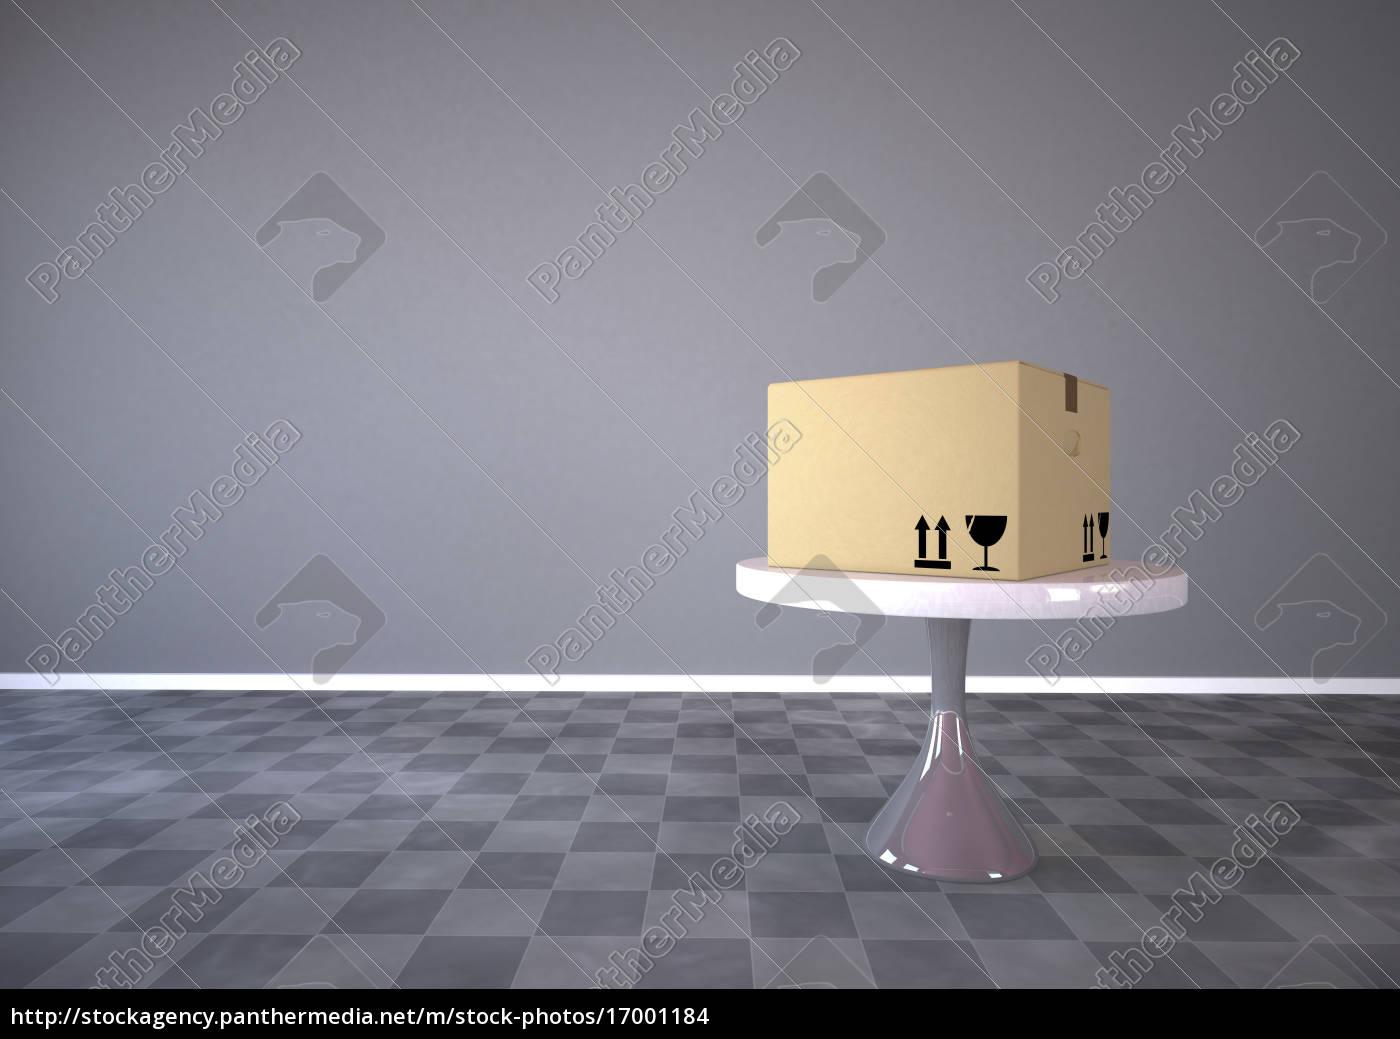 karton, auf, einem, runden, tisch, 3d-rendering - 17001184